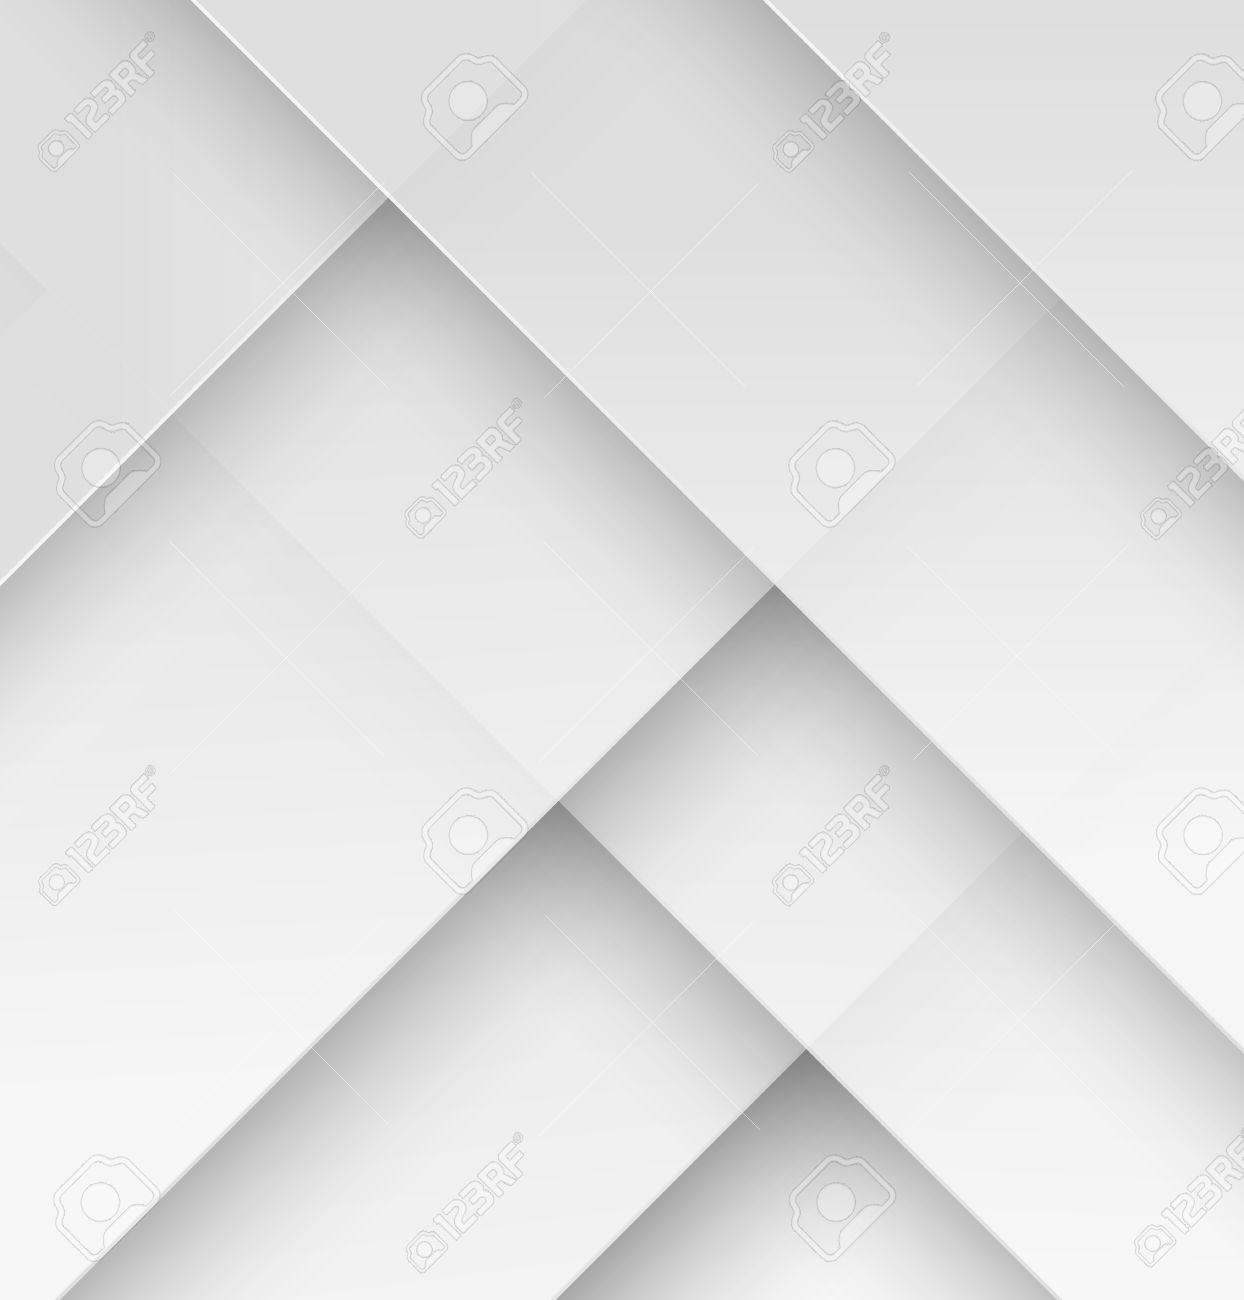 Blanc Fond D Ecran De Conception De Materiel De Papier Vector Illustration Clip Art Libres De Droits Vecteurs Et Illustration Image 38708495